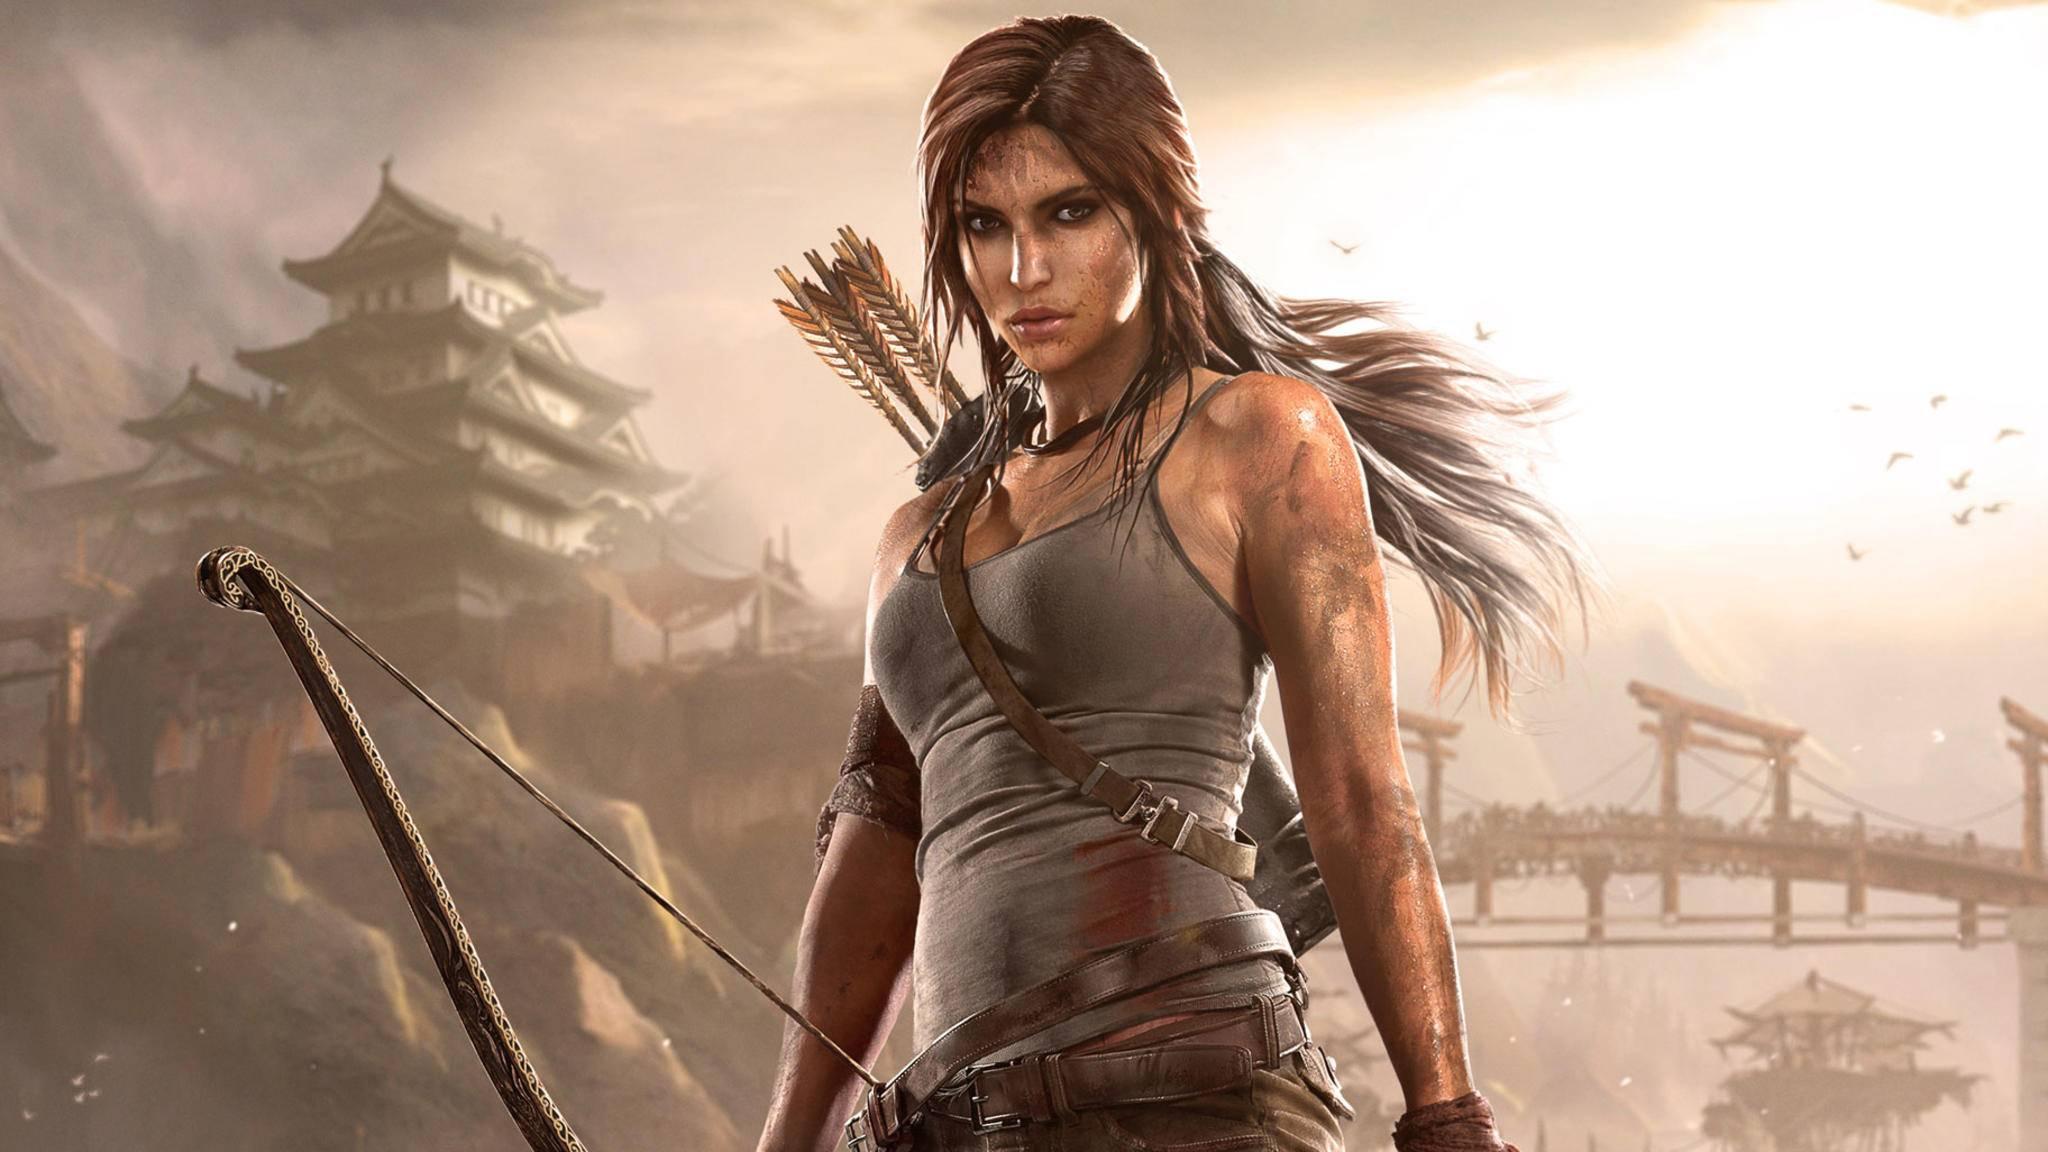 Lara natürlicher denn je – das war nicht immer so.